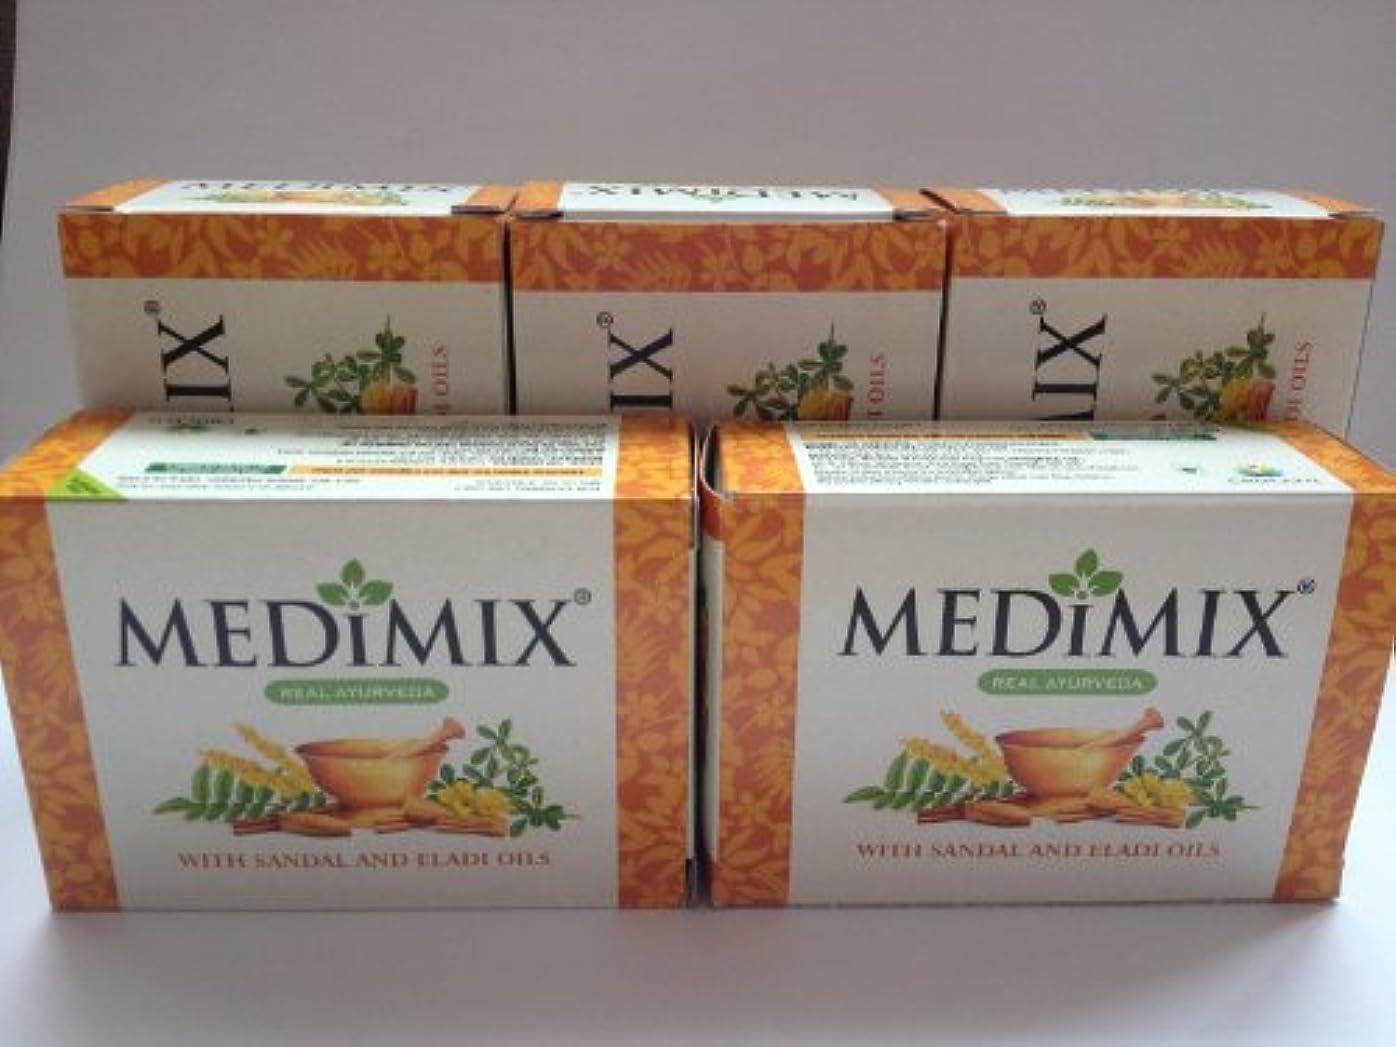 返済ケントアクション美白 シミ ニキビ 対策!MEDIMIX ソープ メディミックス アーユルヴェーダ石鹸、サンダルウッド 【5個セット】並行輸入品